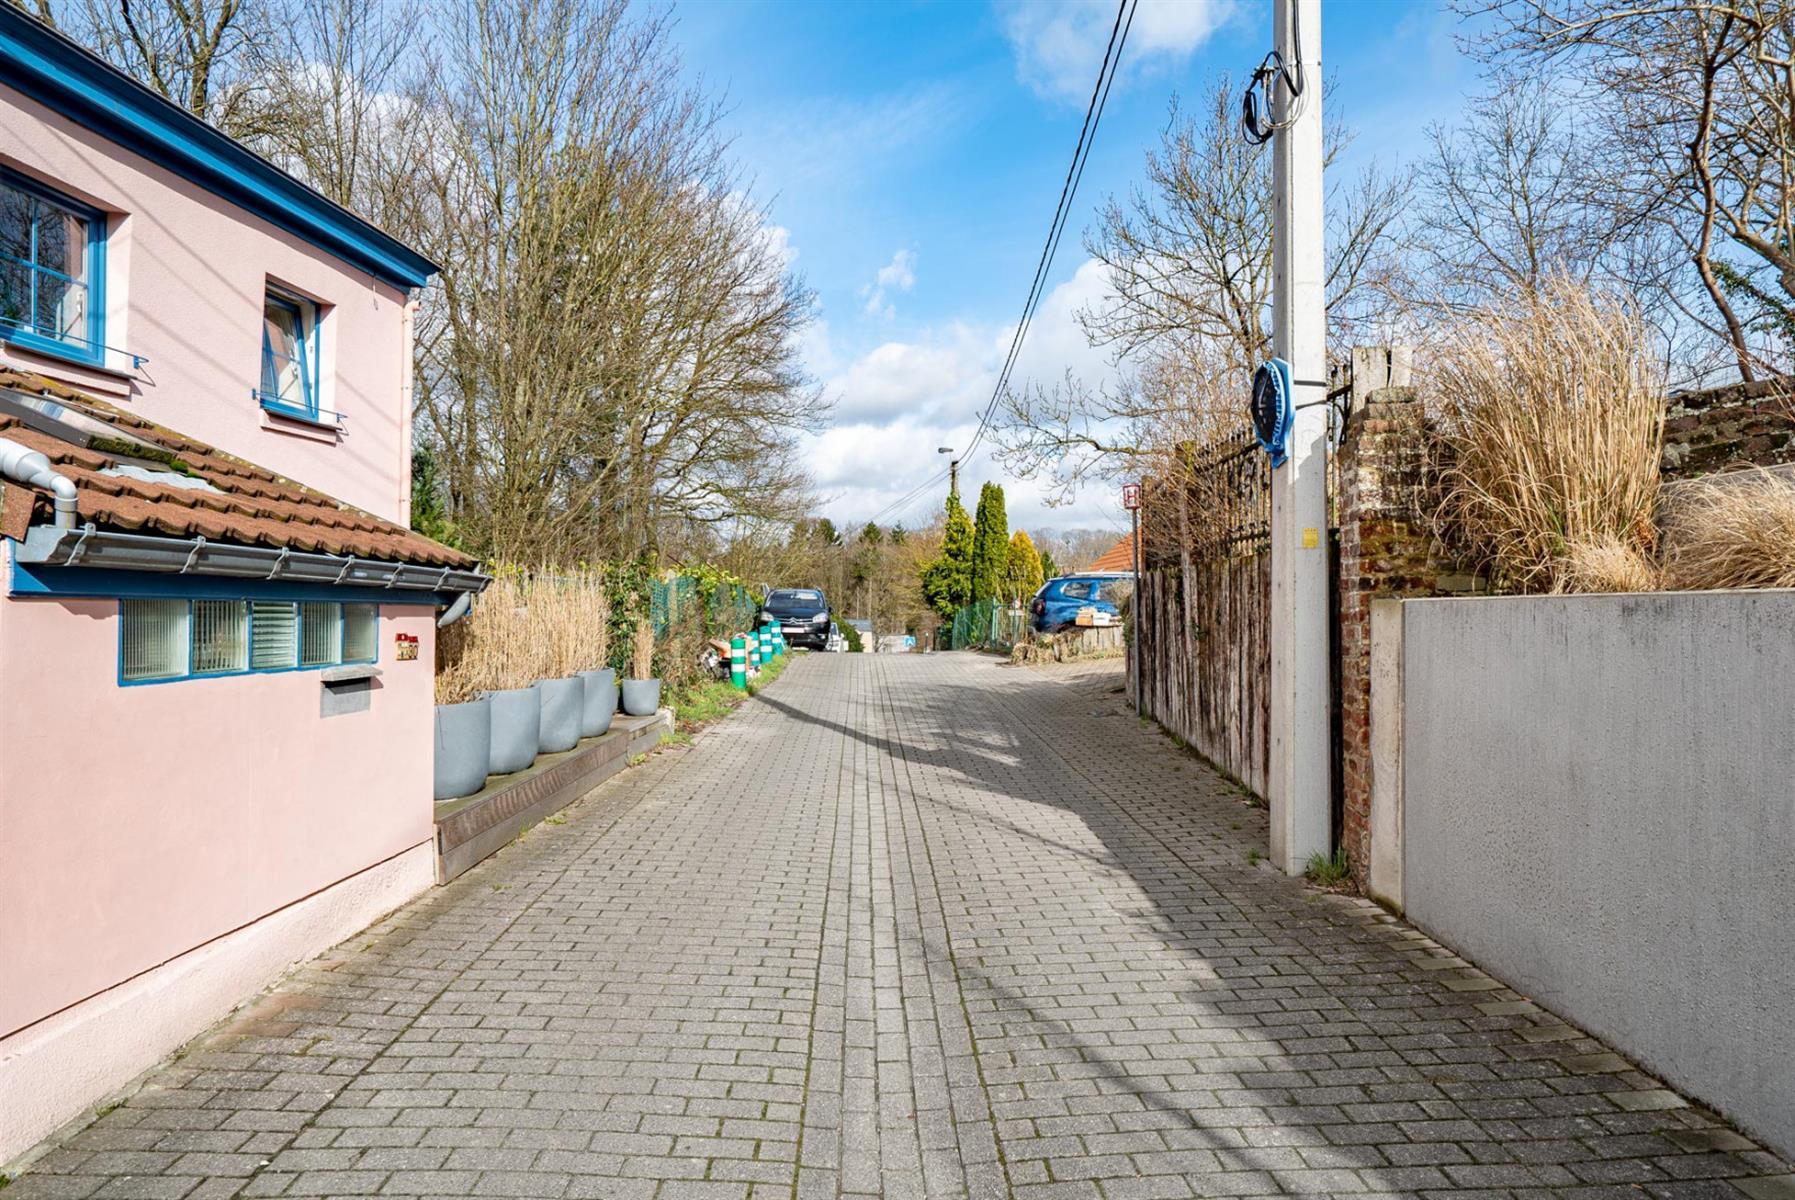 Maison - Mont-Saint-Guibert - #3973235-24